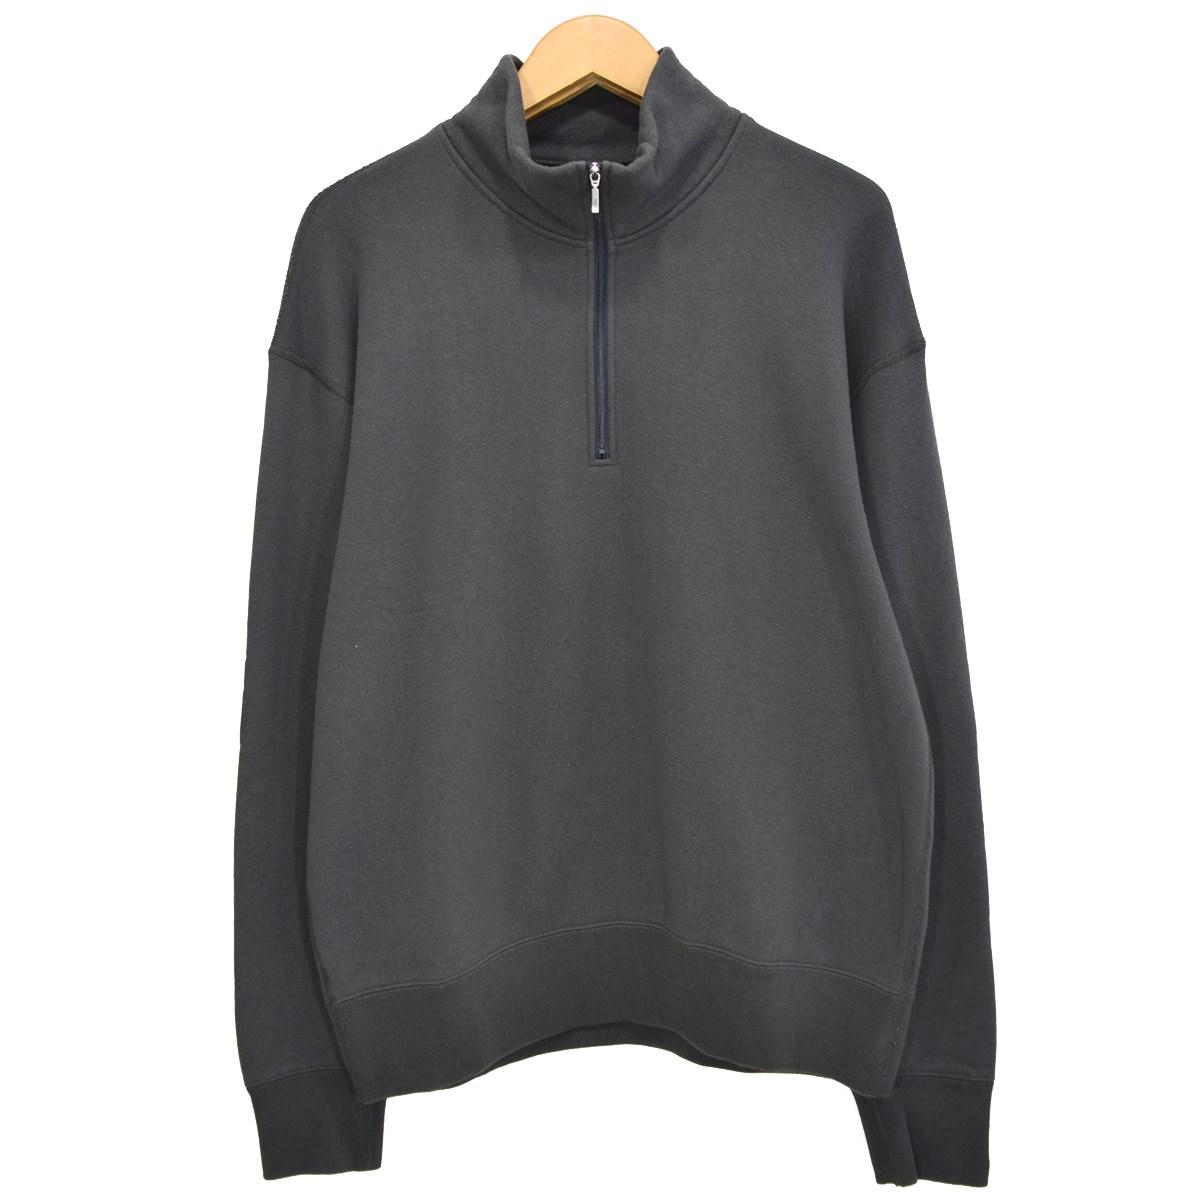 【中古】LOOPWHEELER ×BEAMS JAPAN 別注 吊り裏毛ハーフジップスウェットシャツ 2020SS グレー サイズ:M 【270520】(ループウィラー×ビームスジャパン)